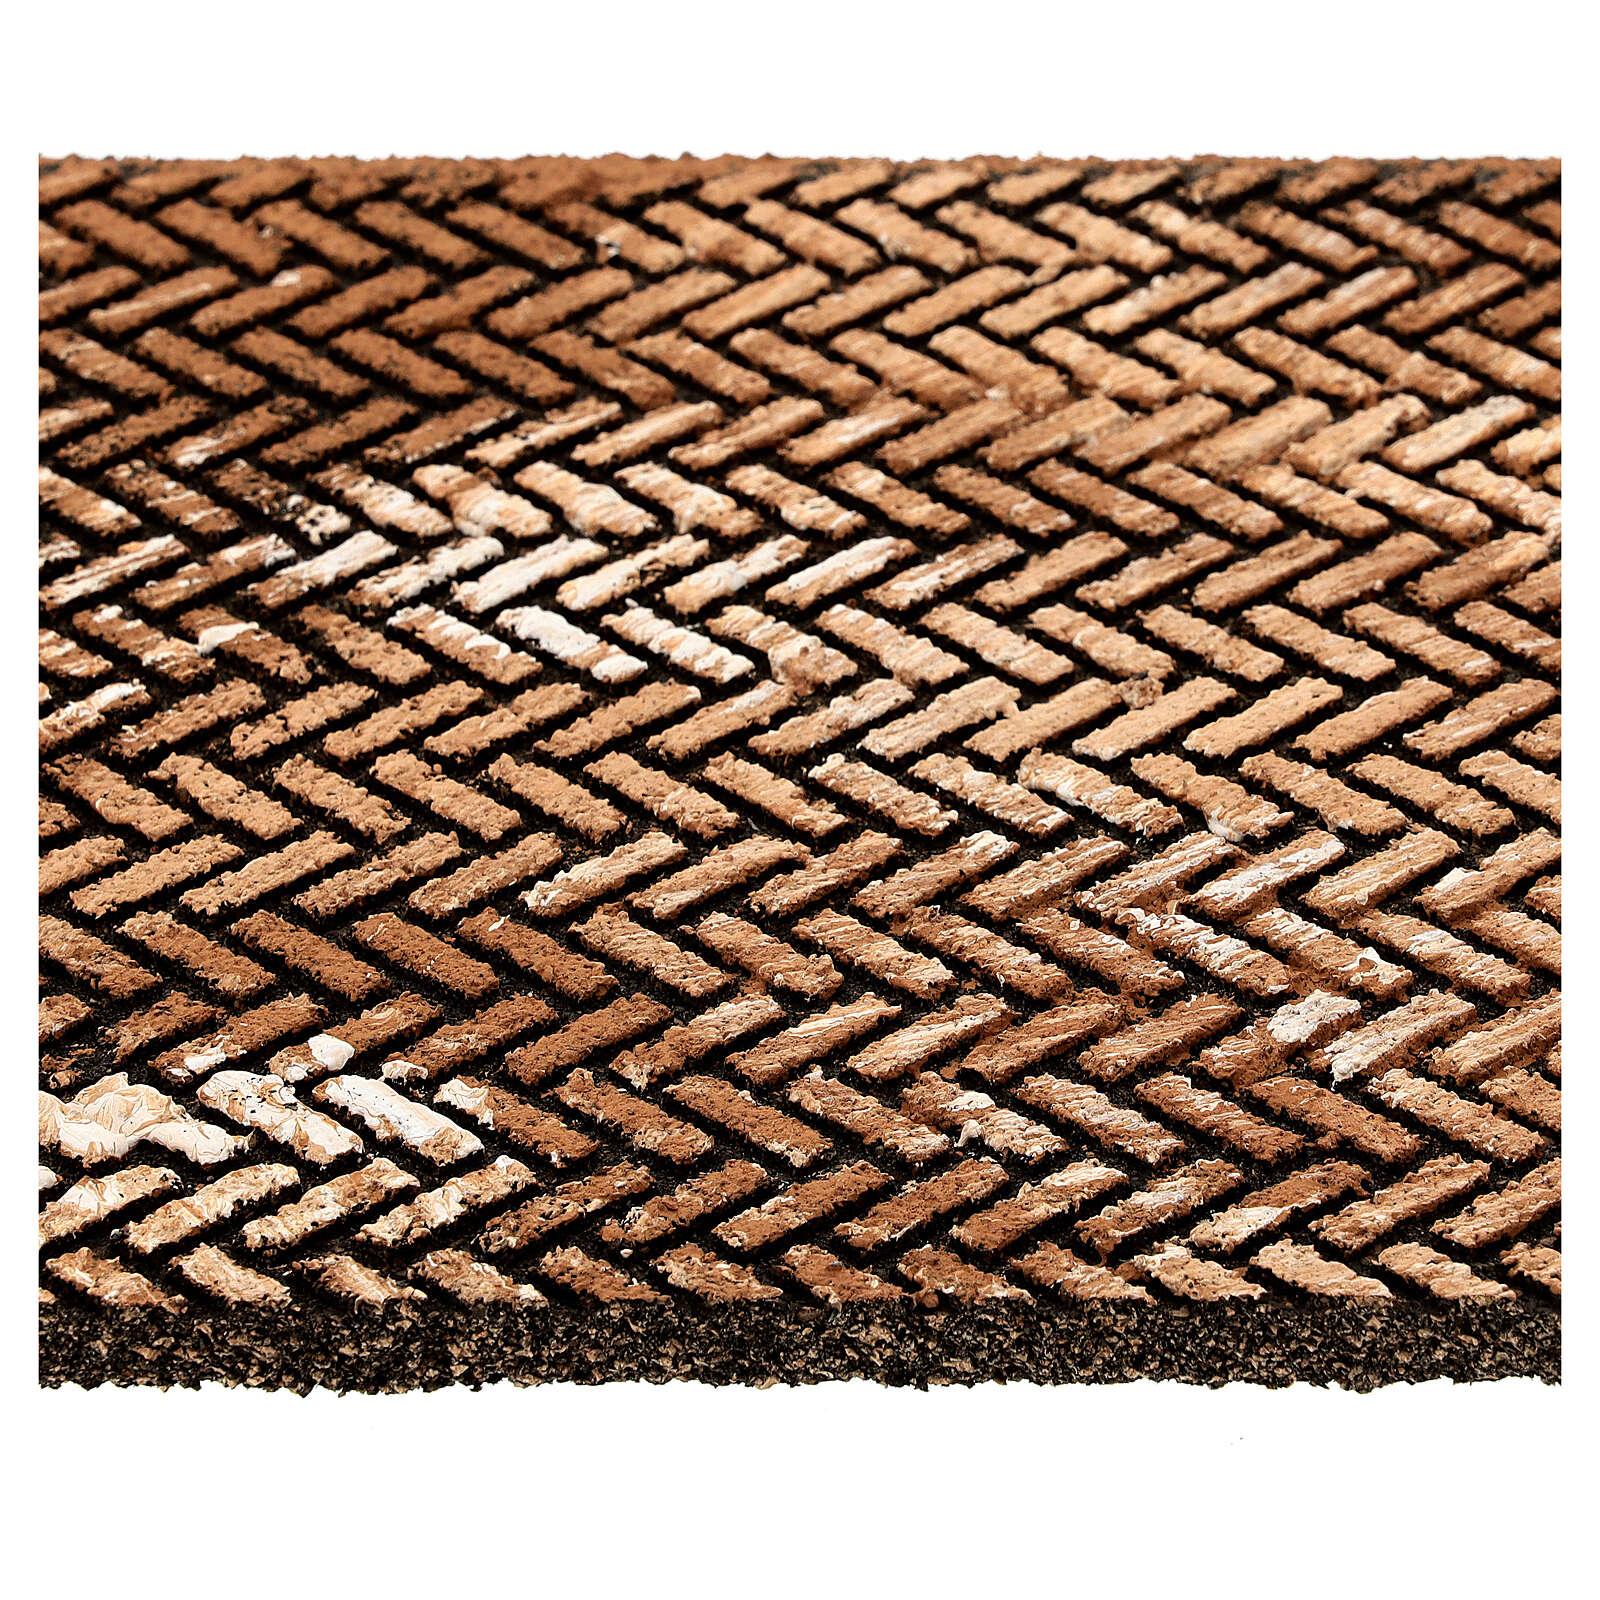 Pannello sughero presepe mattoni lisca di pesce 35x25x1 cm 4